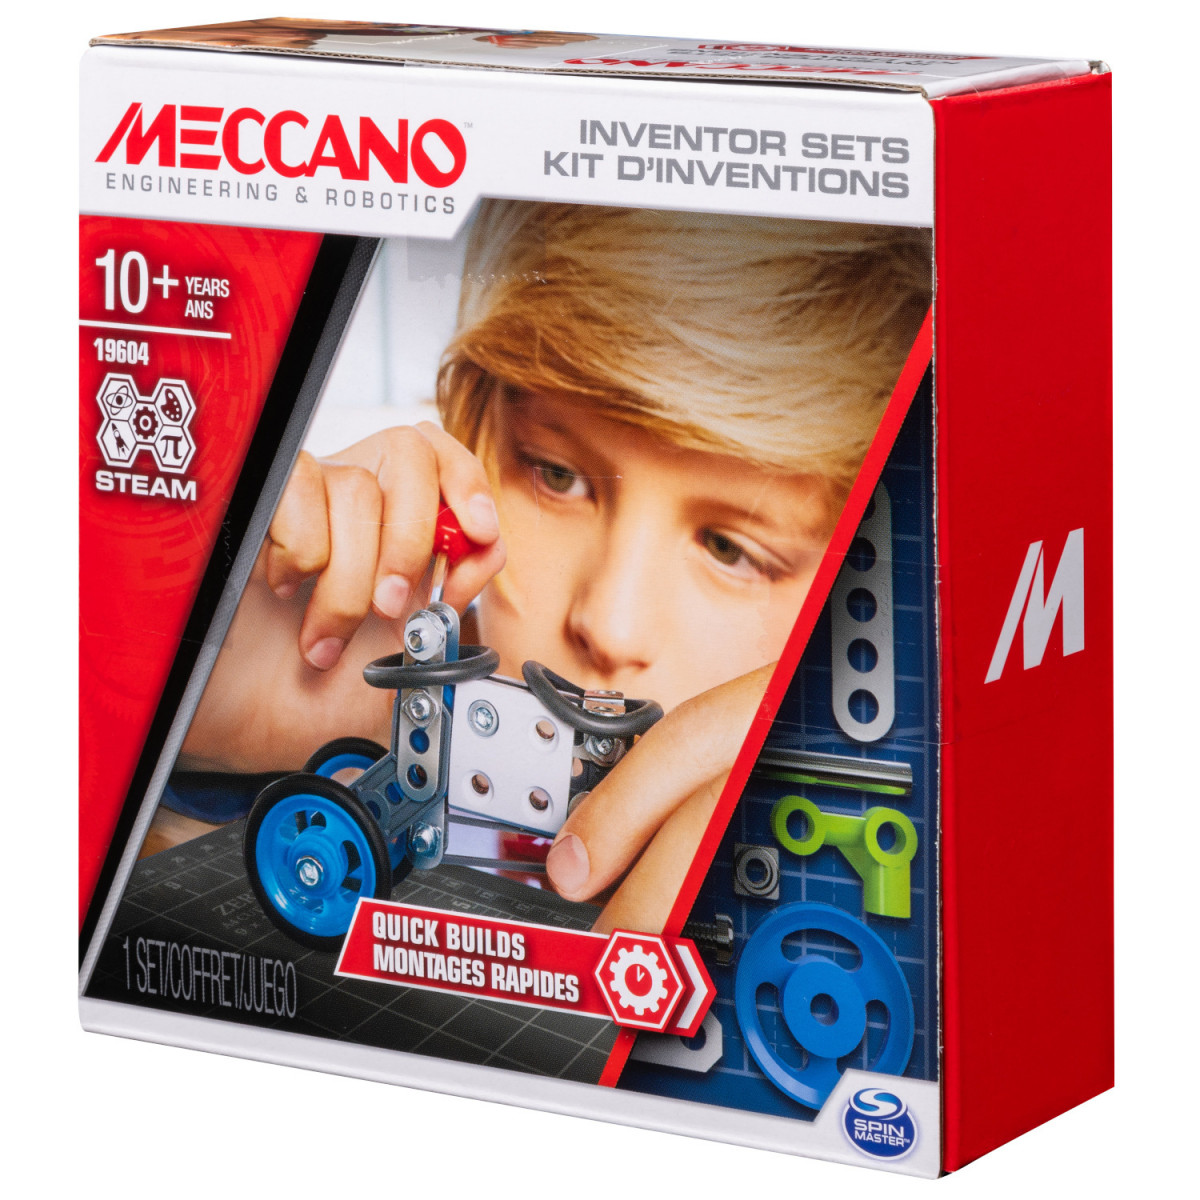 6047095 SET 1 KIT D'INVENTIONS MONTAGES RAPIDES MECCANO